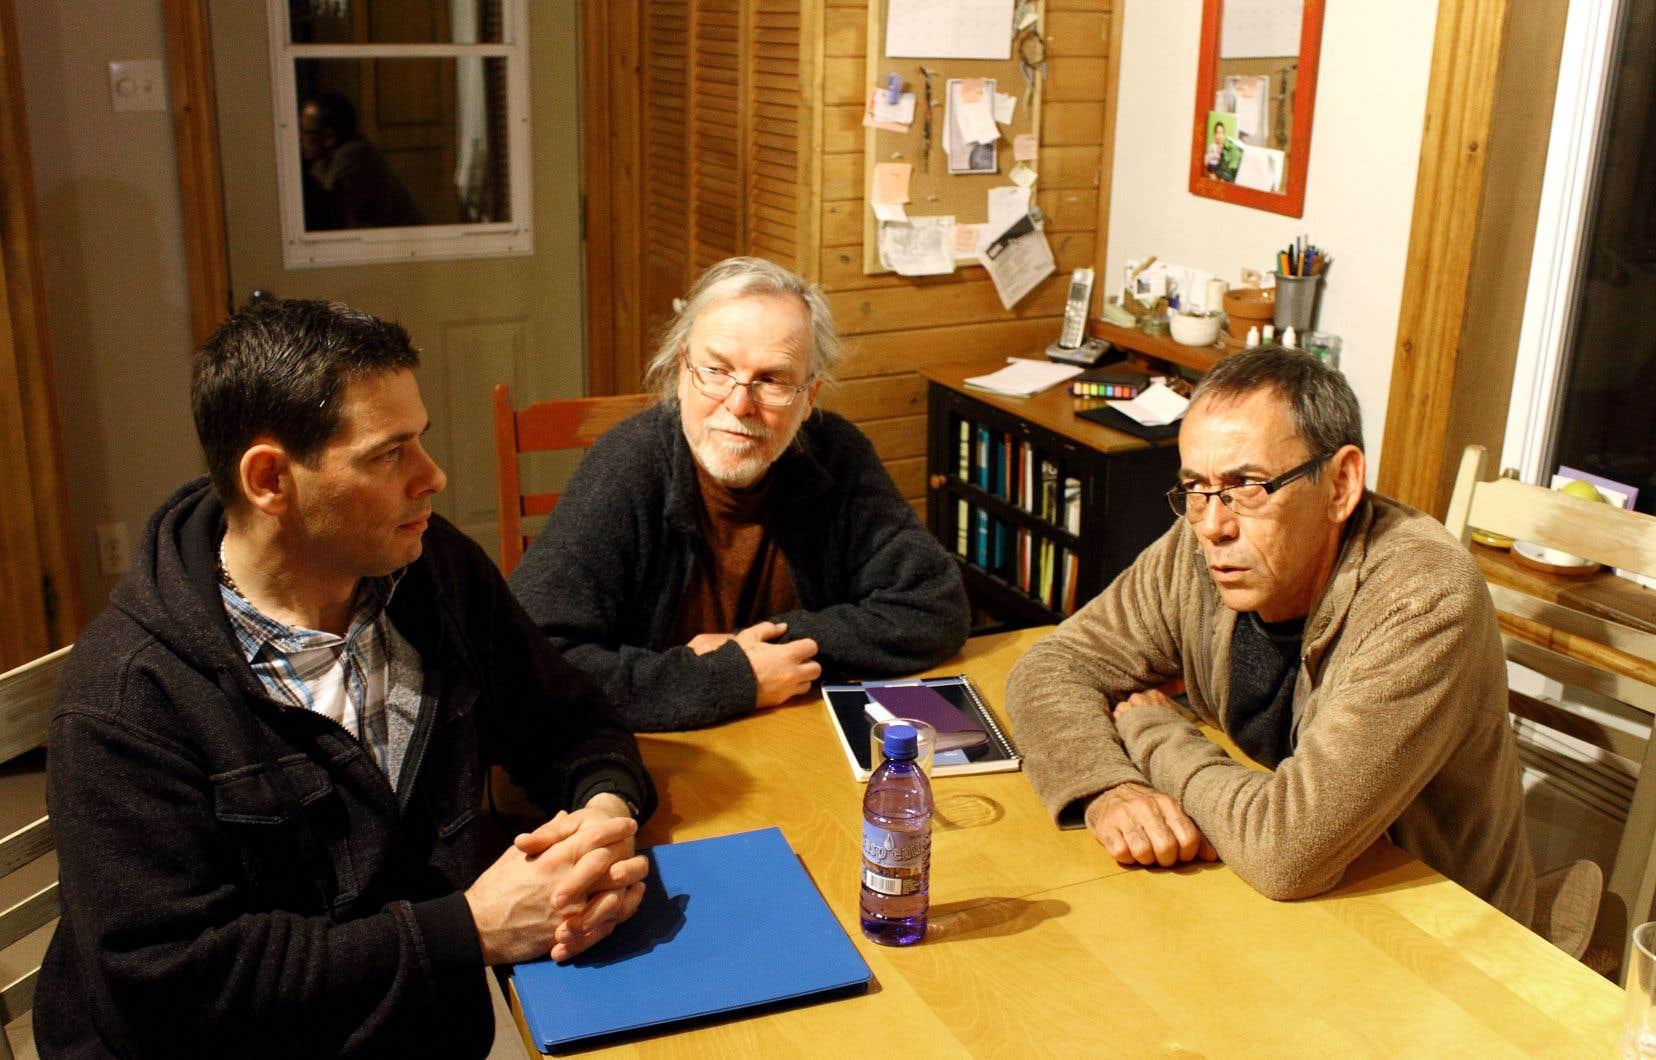 Steve Villeneuve, Jacques Ouellet et Bertin St-Onge ont fondé avec quatre autres citoyens le parti municipal Démocratie participative dans le village gaspésien de Saint-Alphonse-de-Caplan.